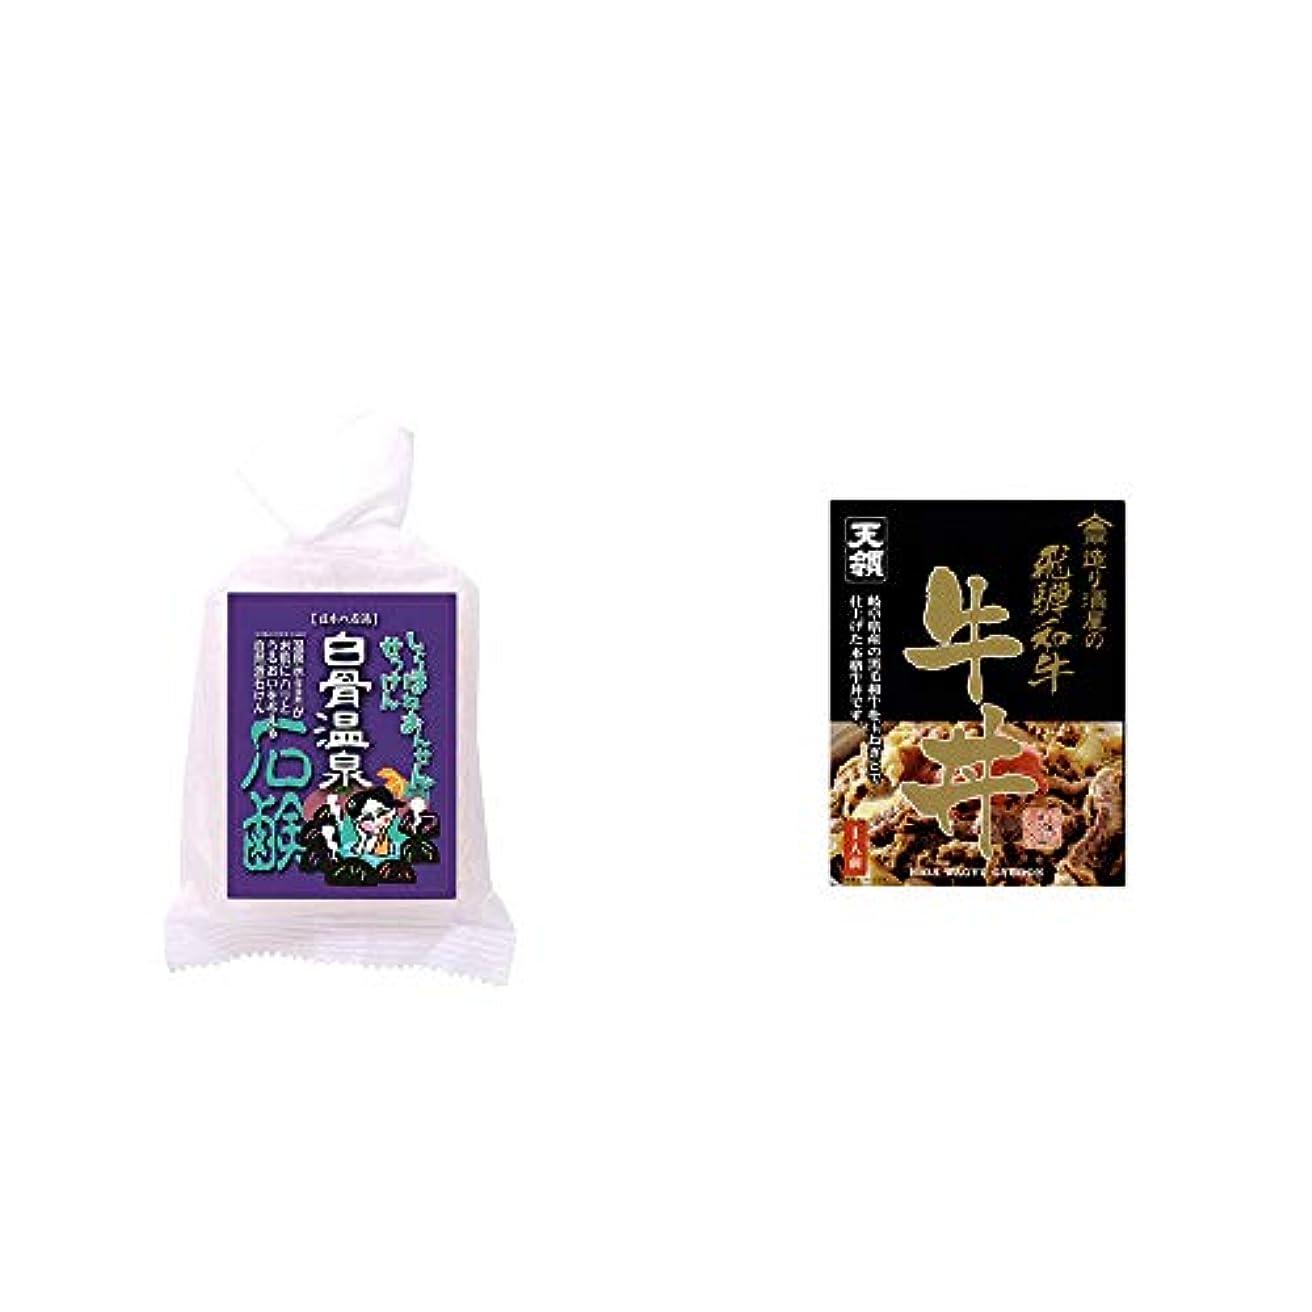 高価な十水族館[2点セット] 信州 白骨温泉石鹸(80g)?天領酒造 造り酒屋の飛騨和牛 牛丼(1人前)